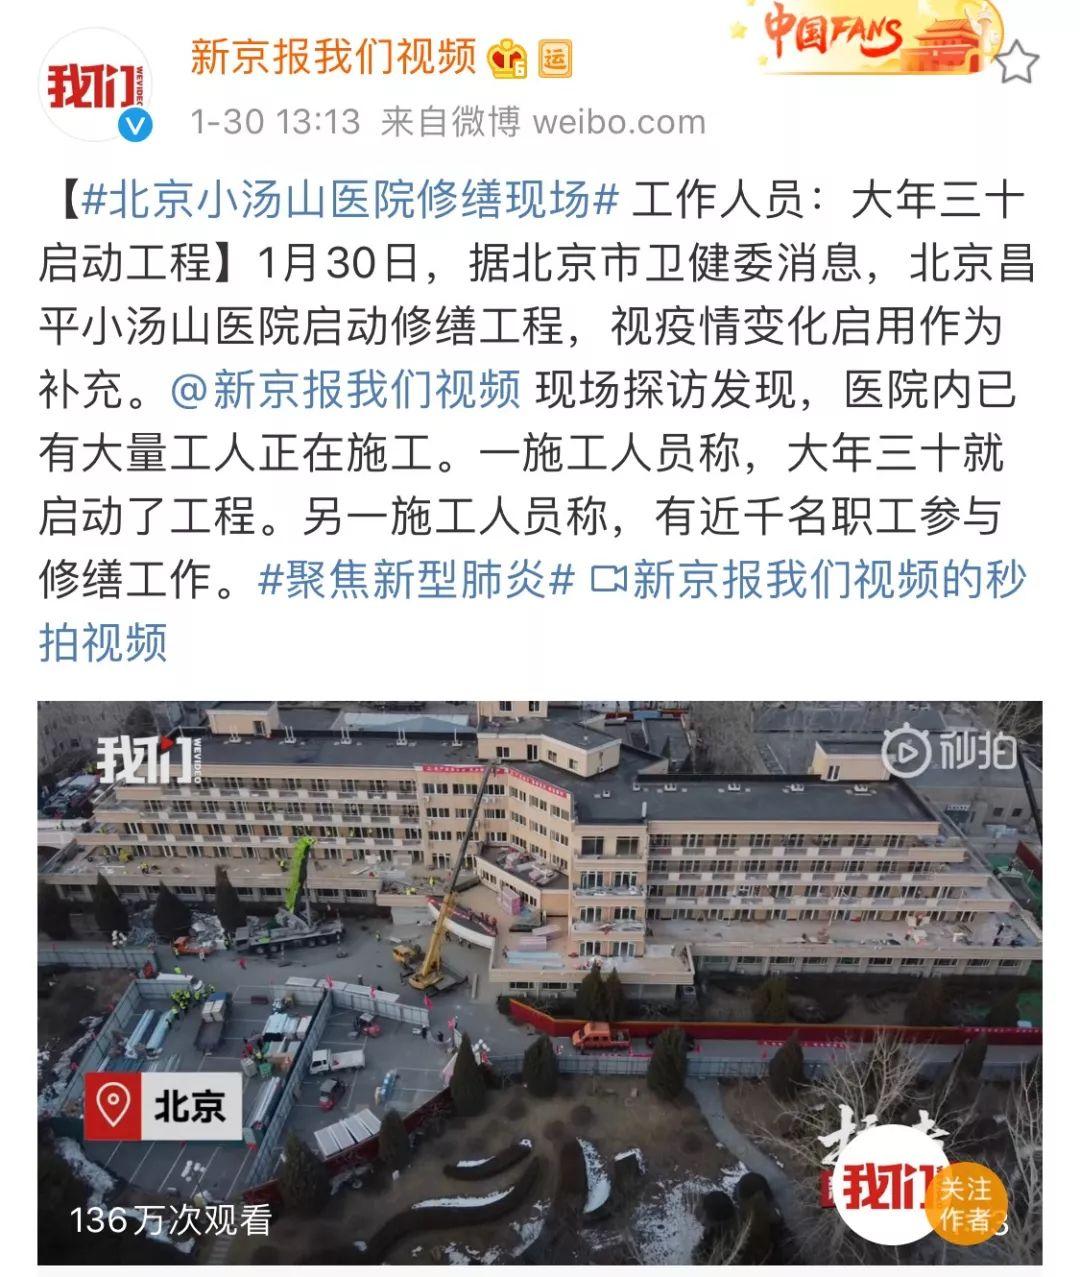 中国疾控中心杨功焕主任:不要指望疫苗,最原始的防治方法最有效